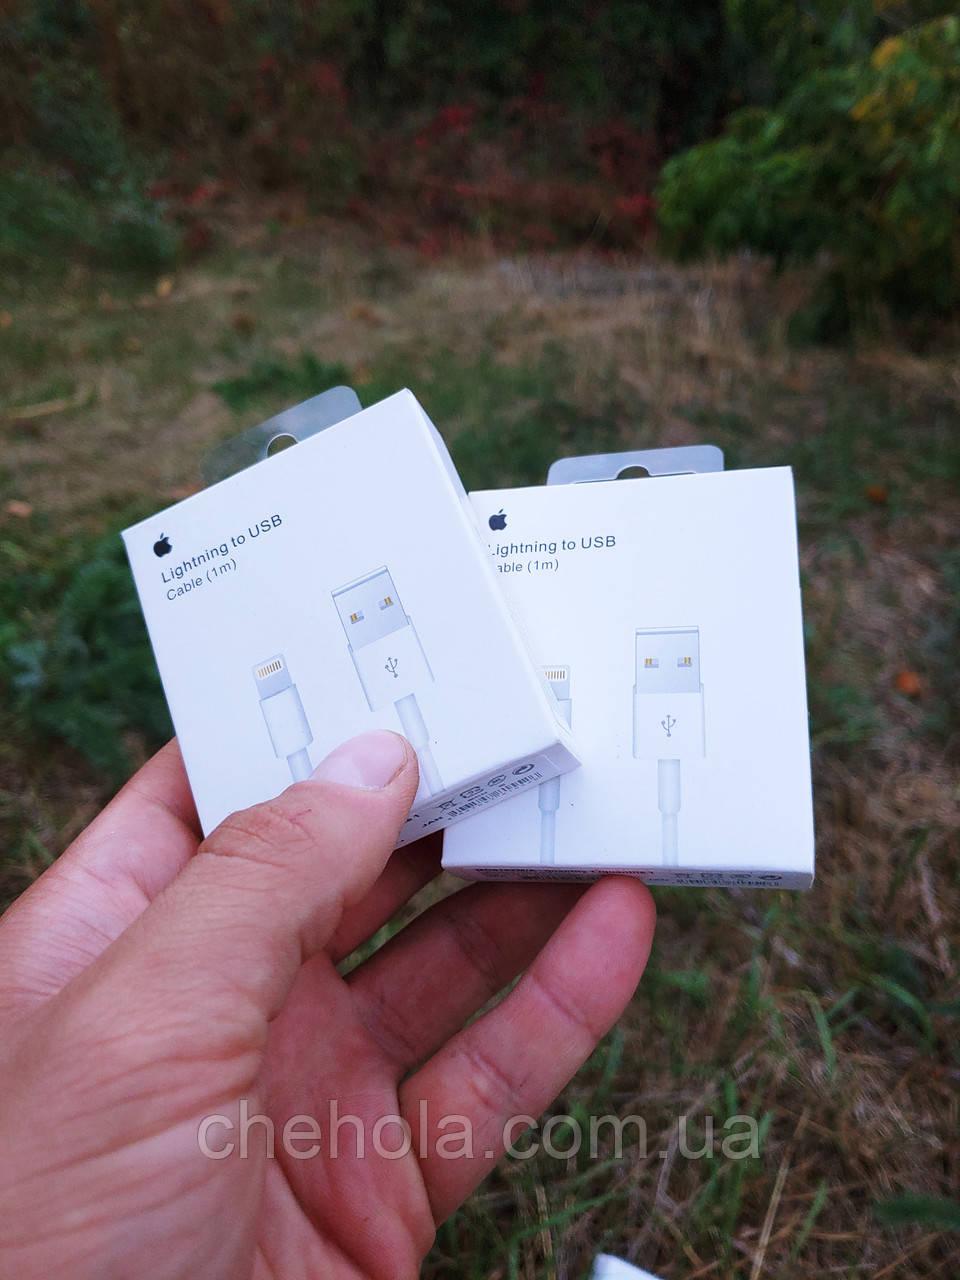 Комплект 2 штуки оригінальних кабелів Iphone 5 6 7 8 XS XR Ipad Lightning 1м Foxconn MFI MD818ZM/A A1480